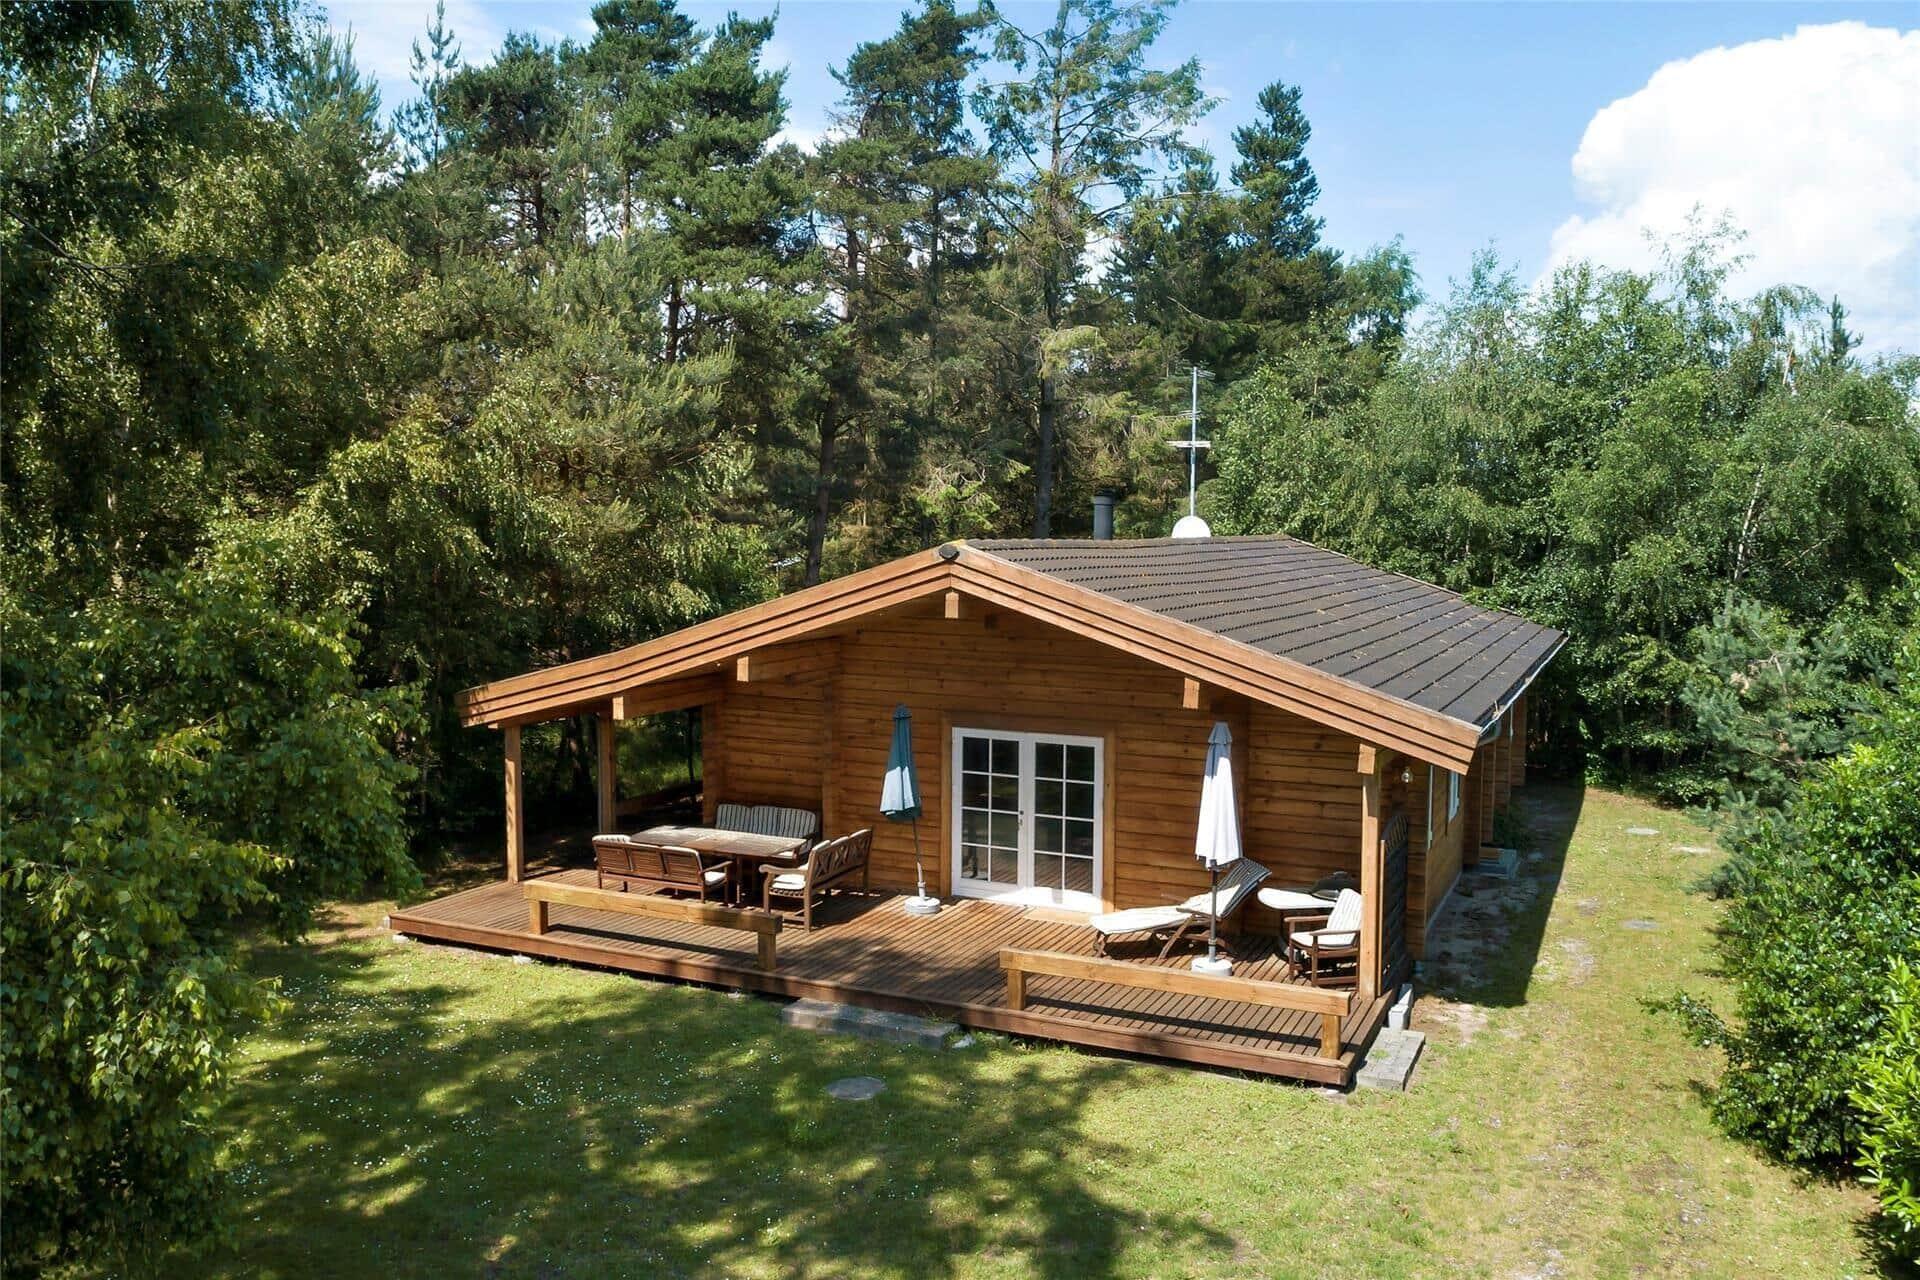 Image 1-174 Holiday-home M17027, Sølvpilevej 10, DK - 4873 Væggerløse